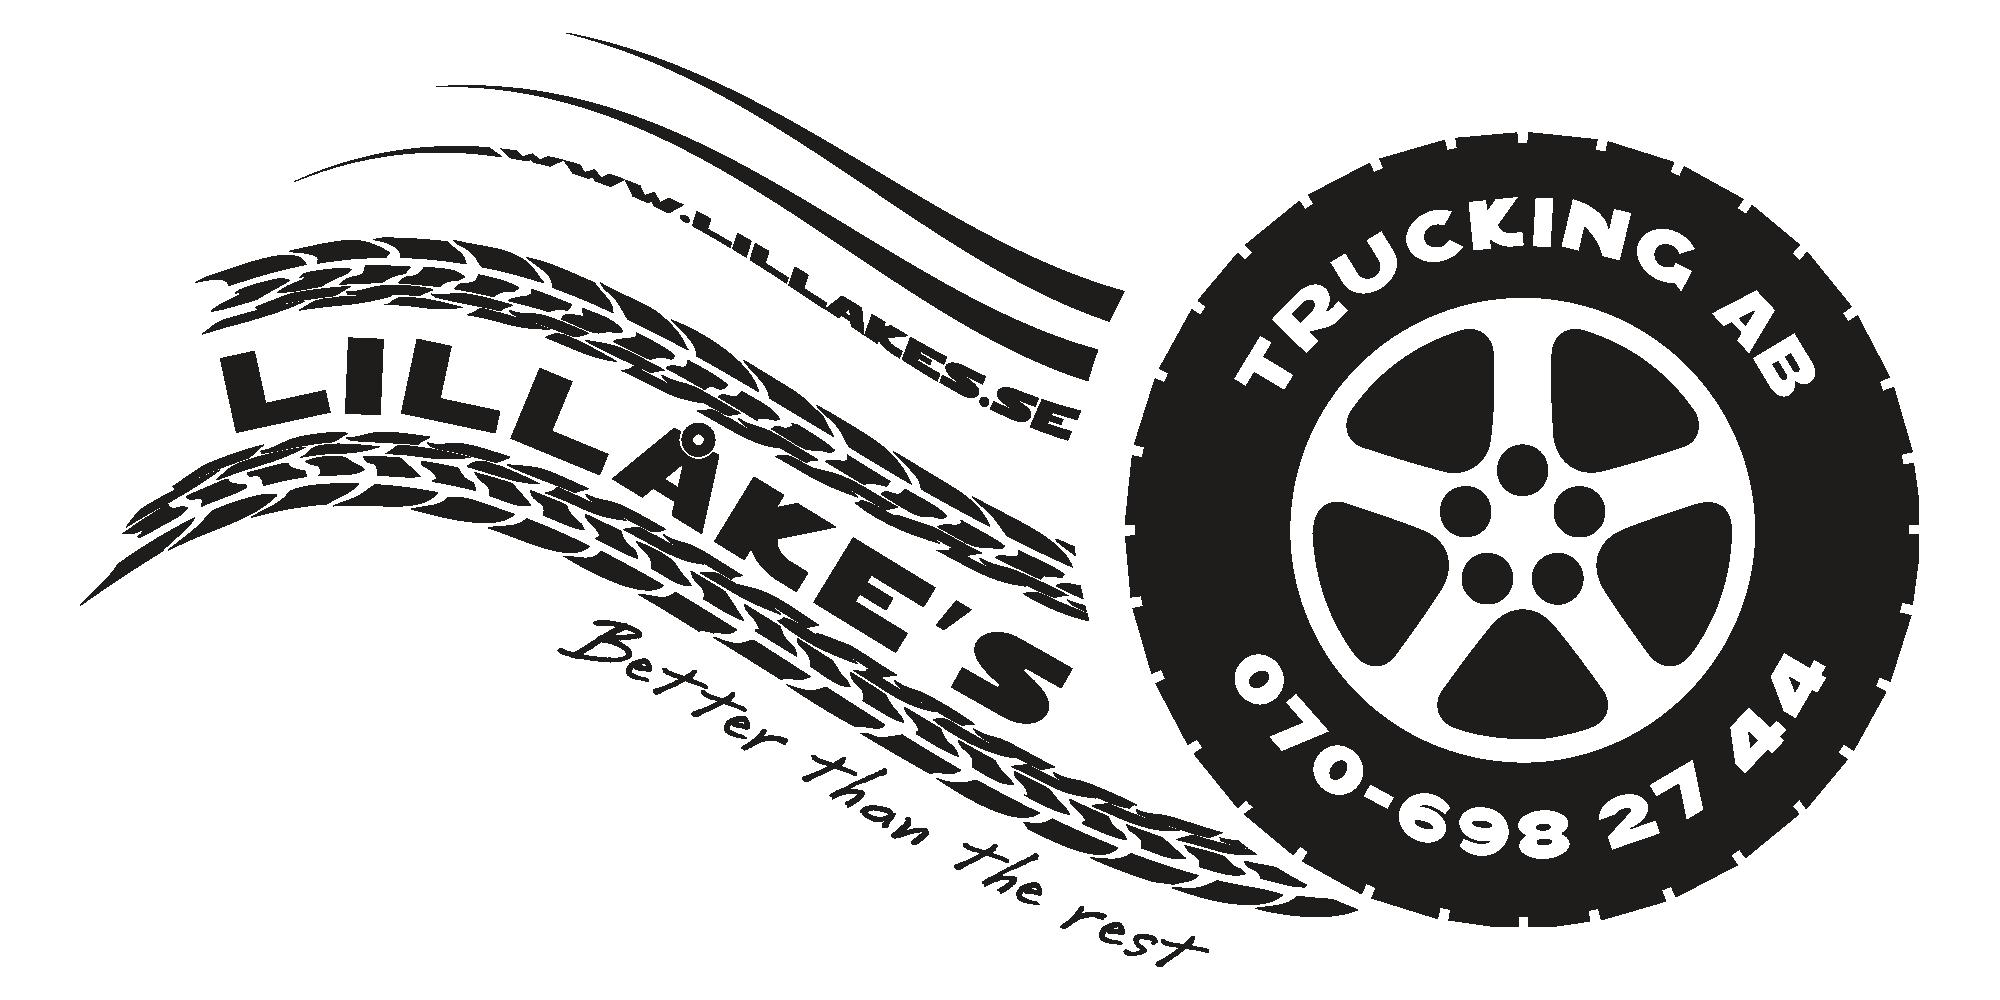 Lill-Åkes Trucking